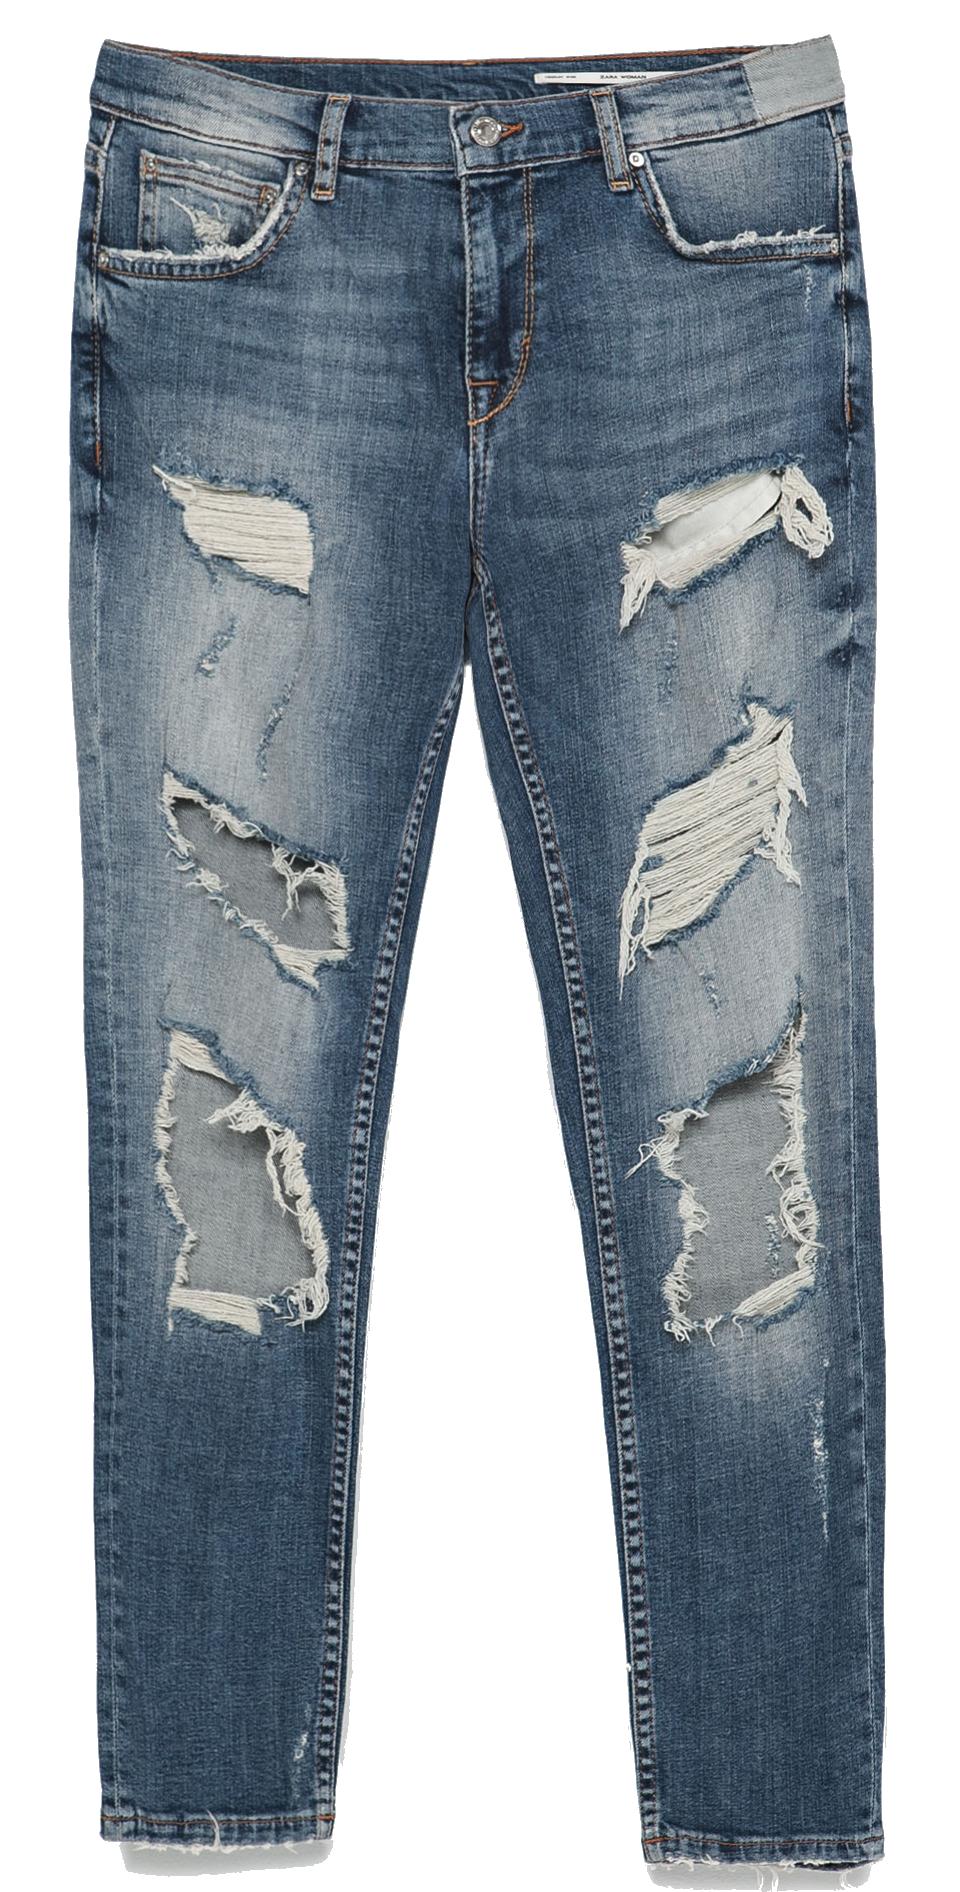 OE_Zara_Mid-Rise_Cigarette_Jeans_Distresed